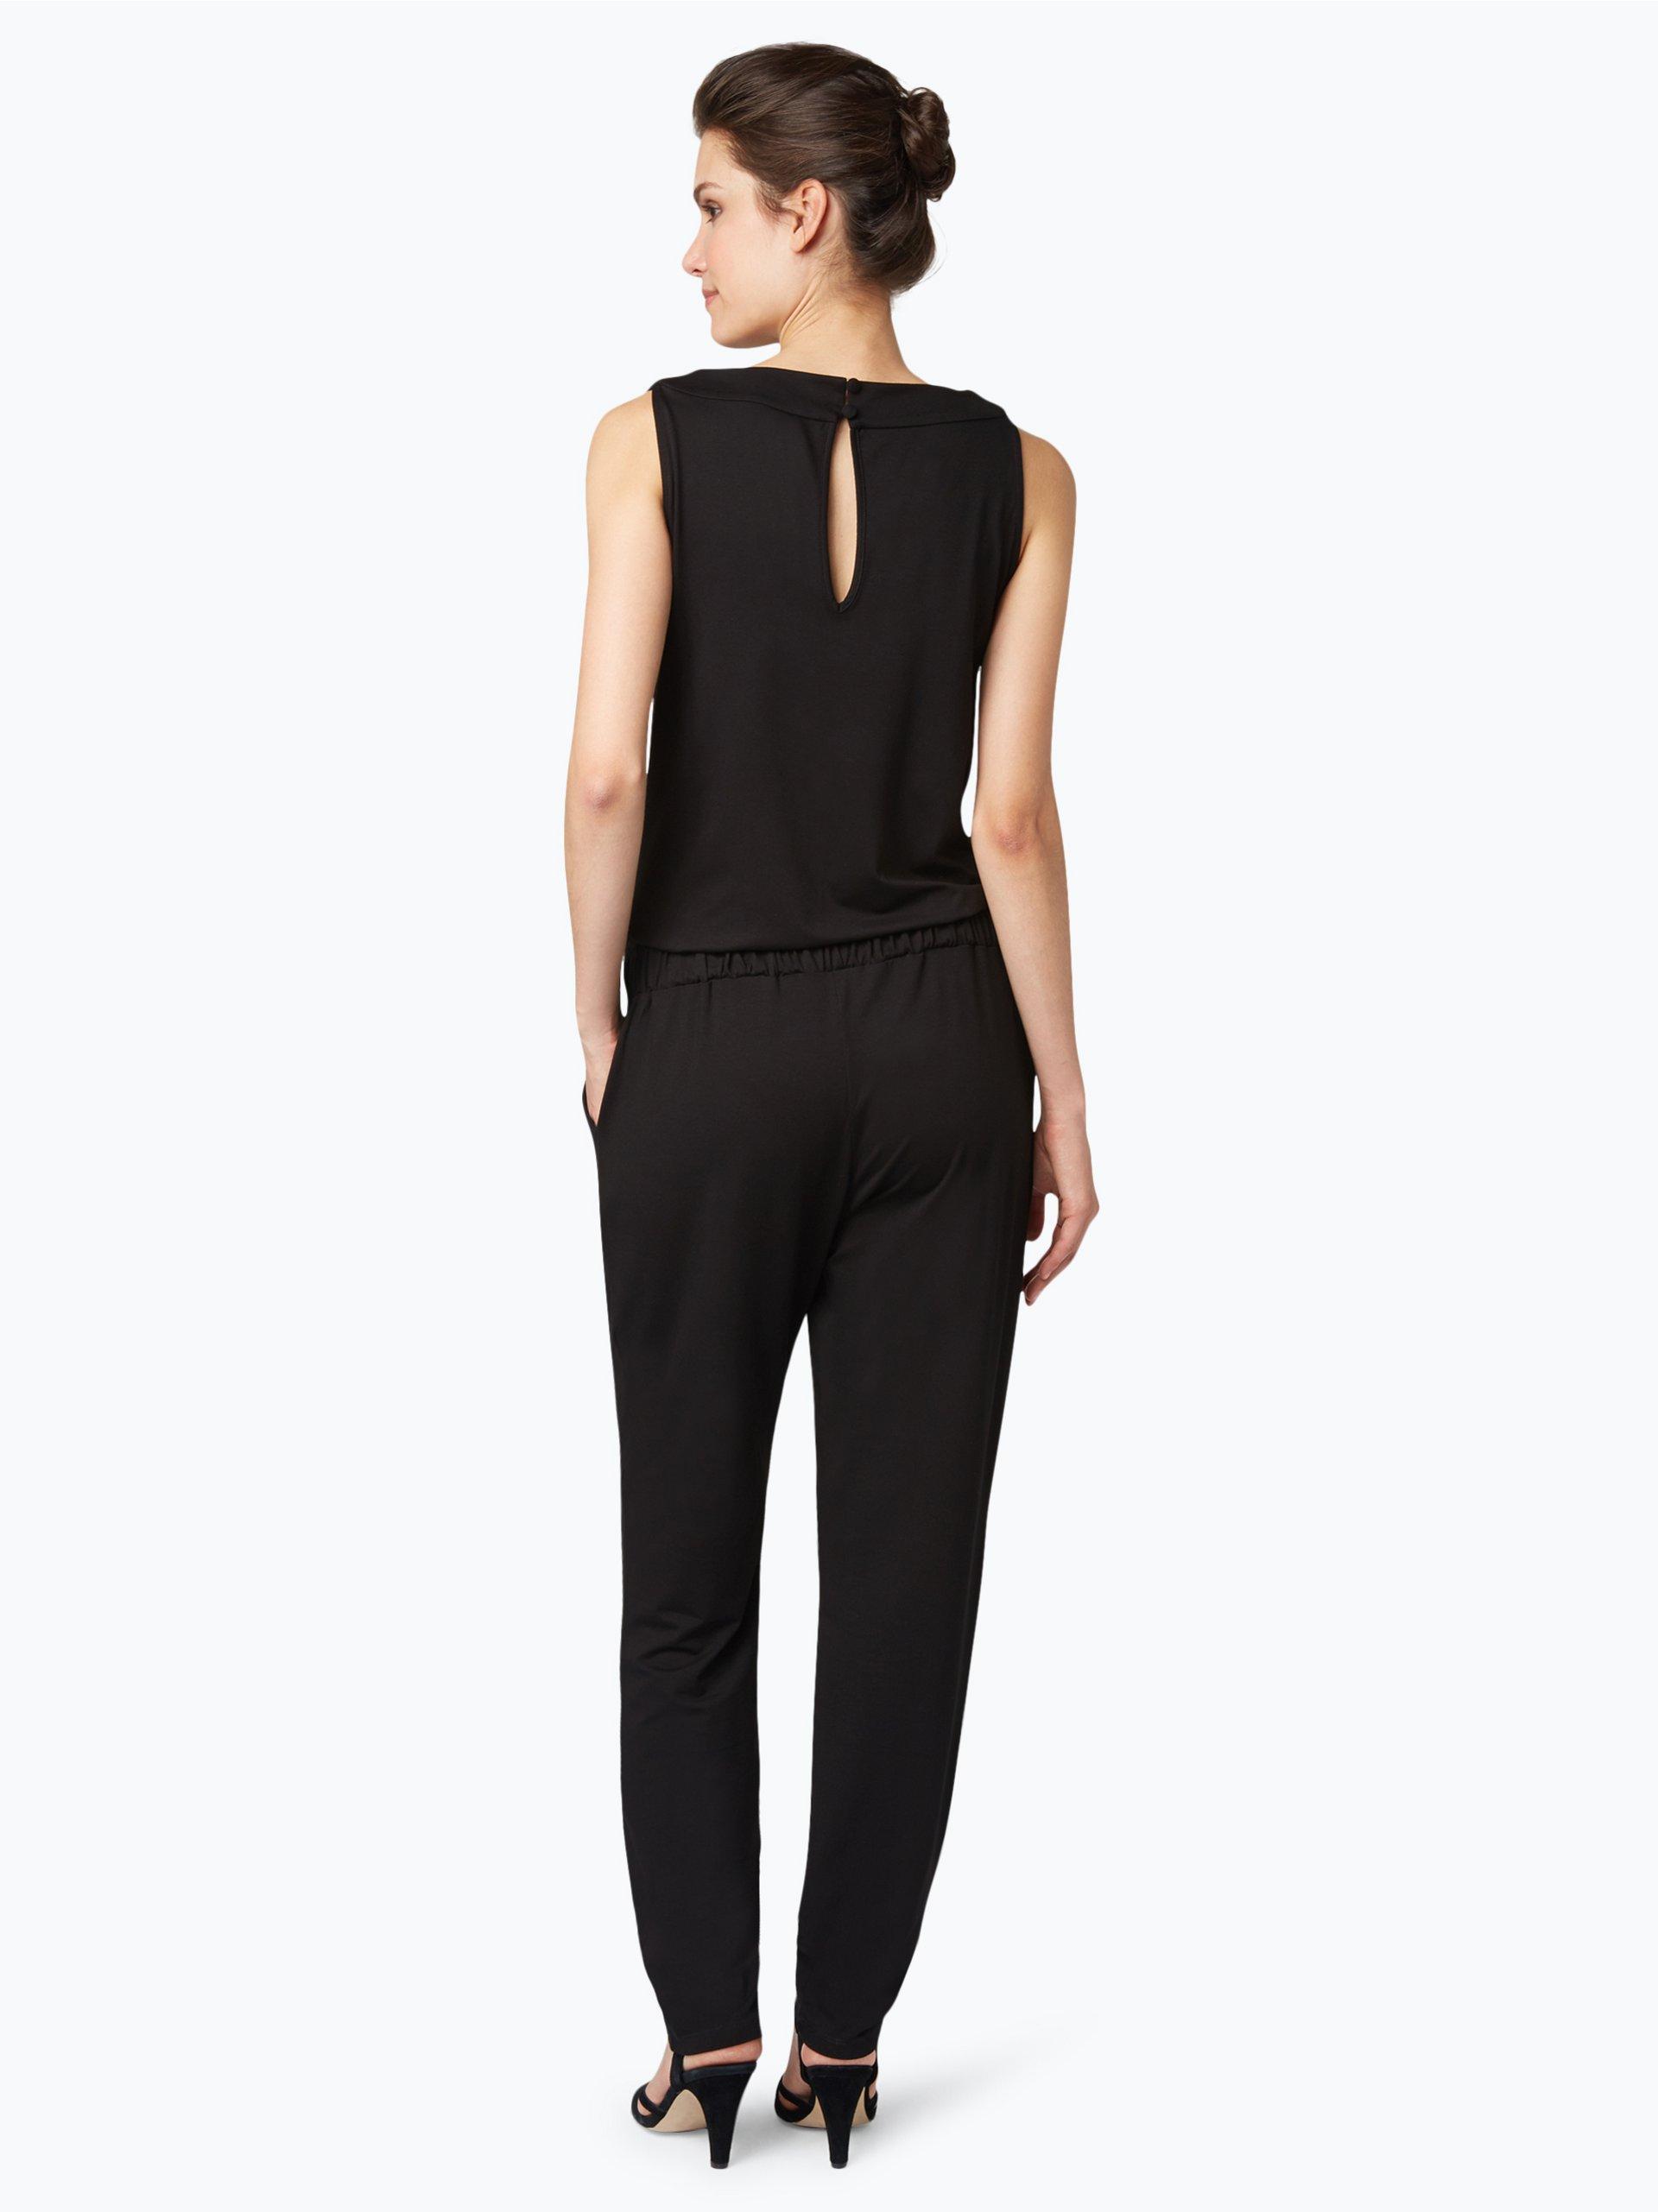 s oliver black label damen jumpsuit schwarz uni online kaufen vangraaf com. Black Bedroom Furniture Sets. Home Design Ideas